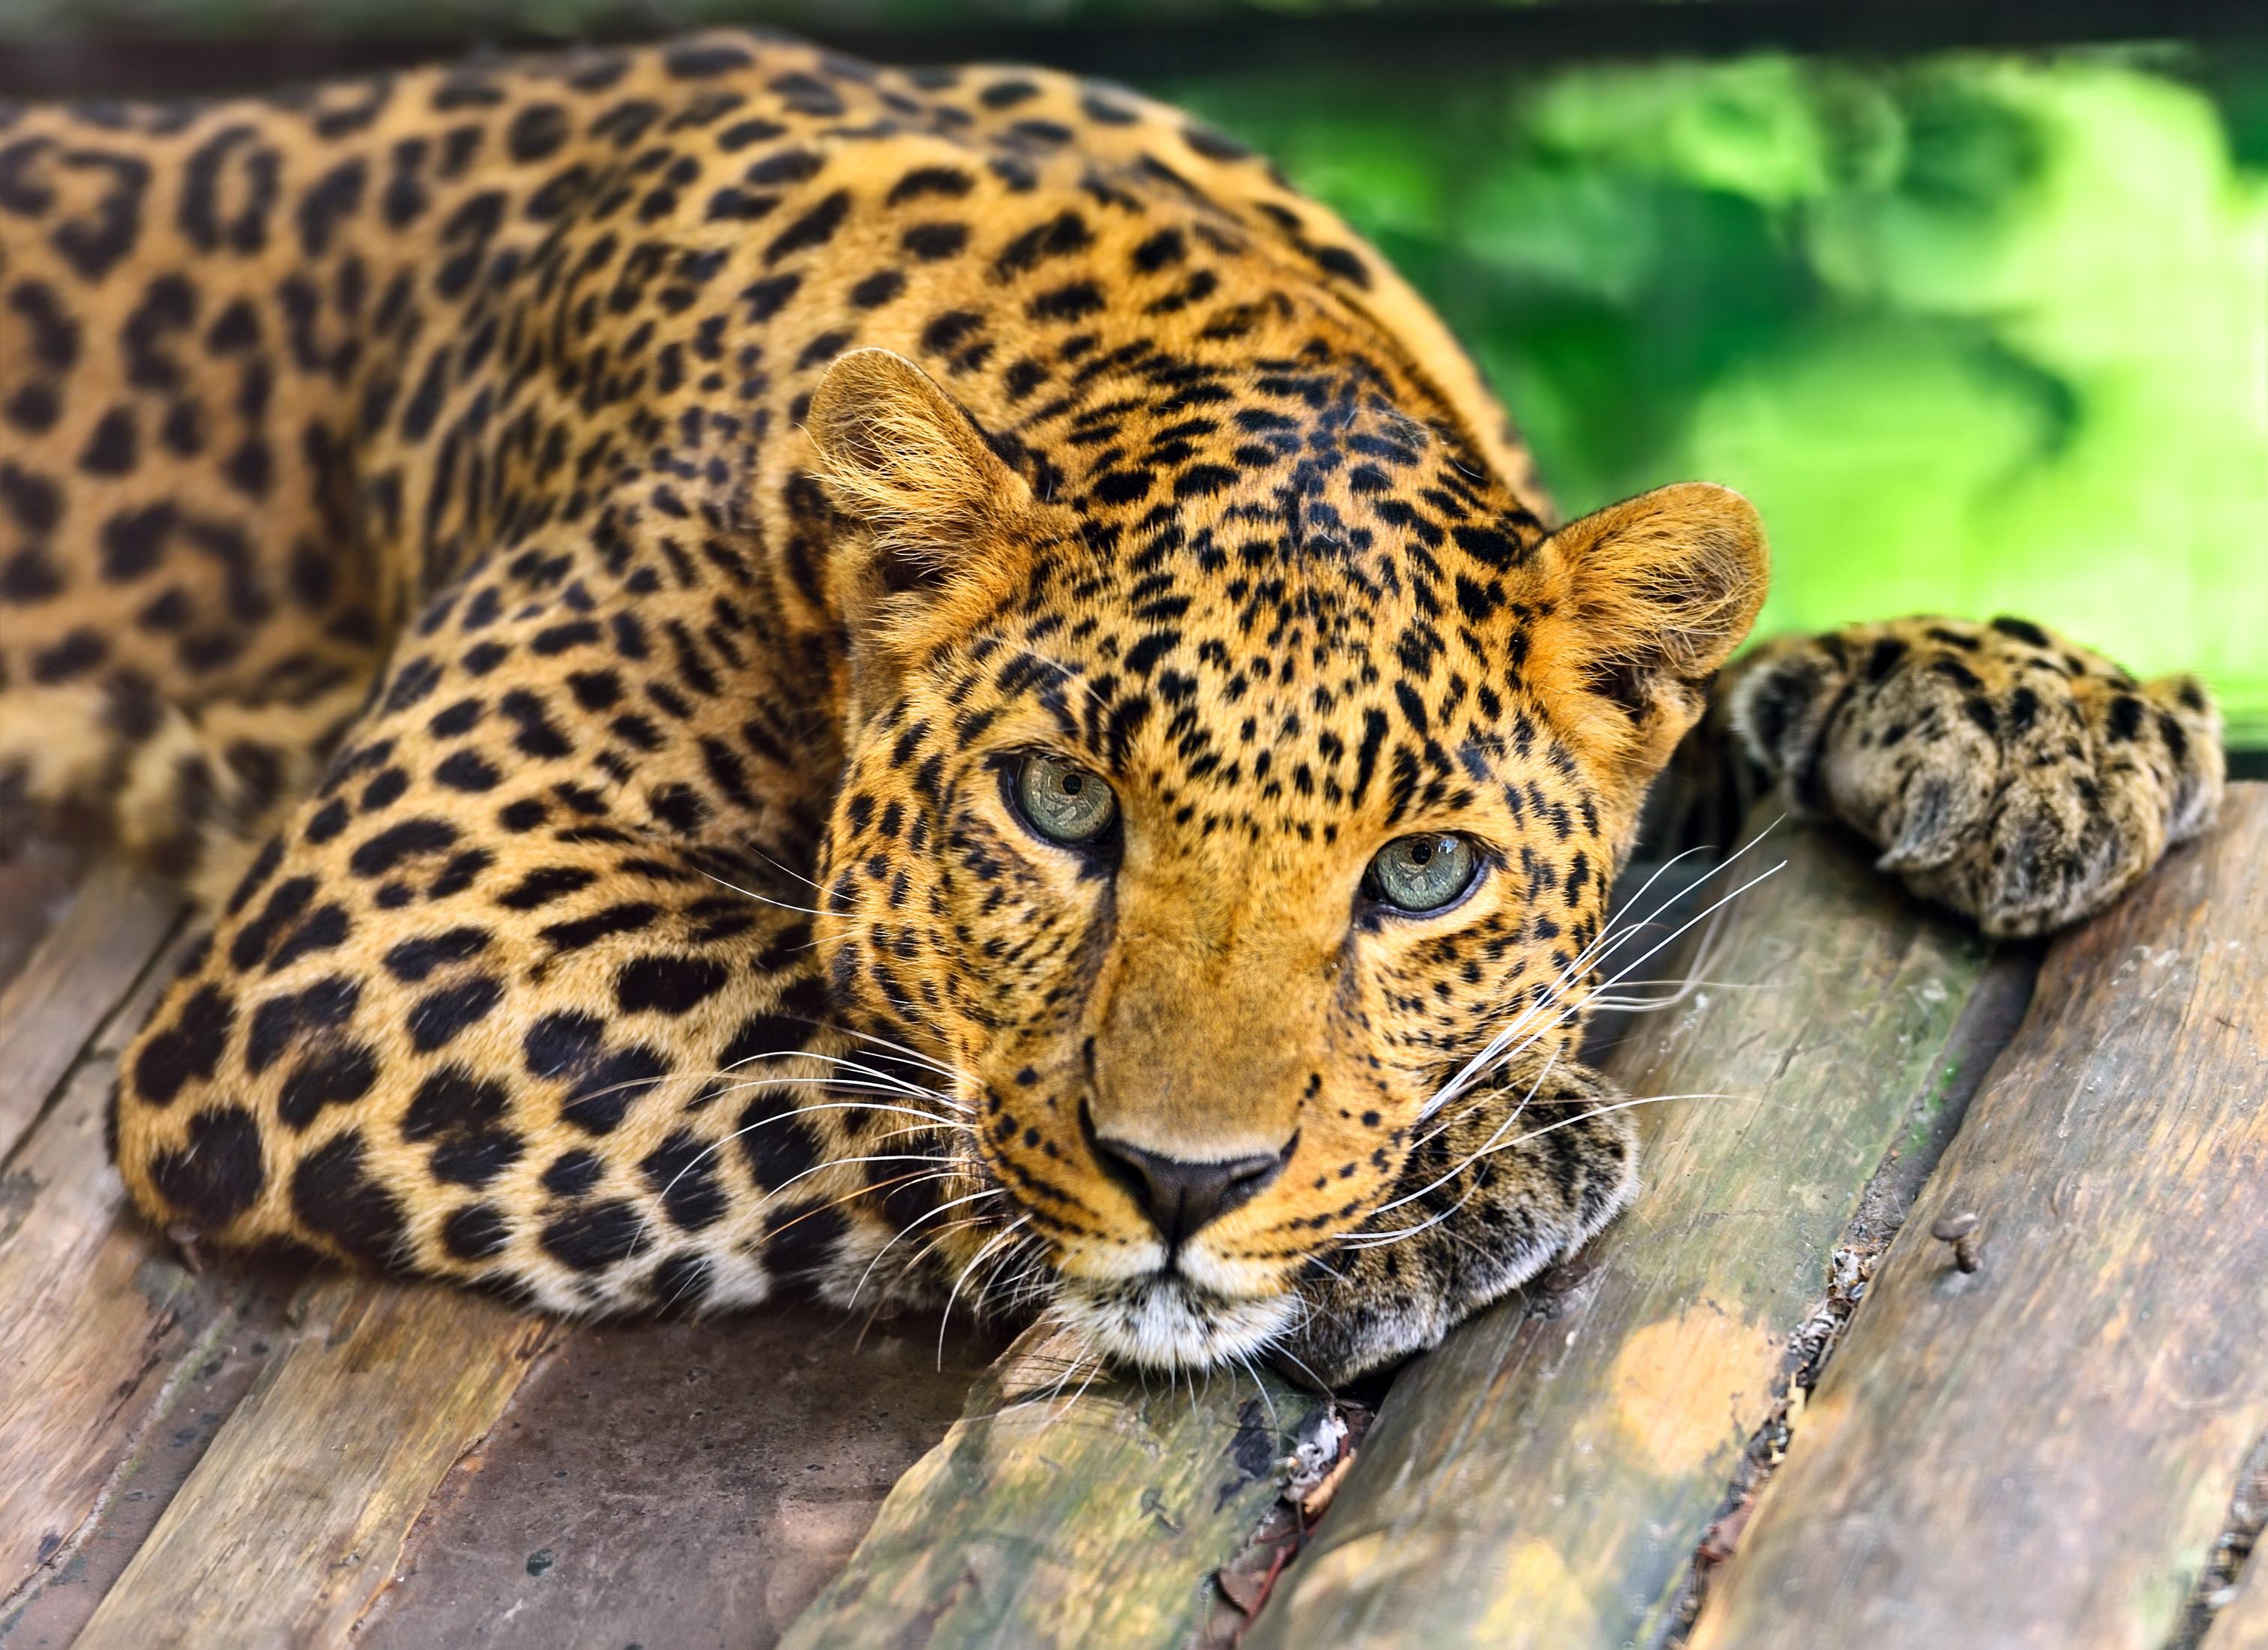 лучшее фото леопарда кто-то догадался